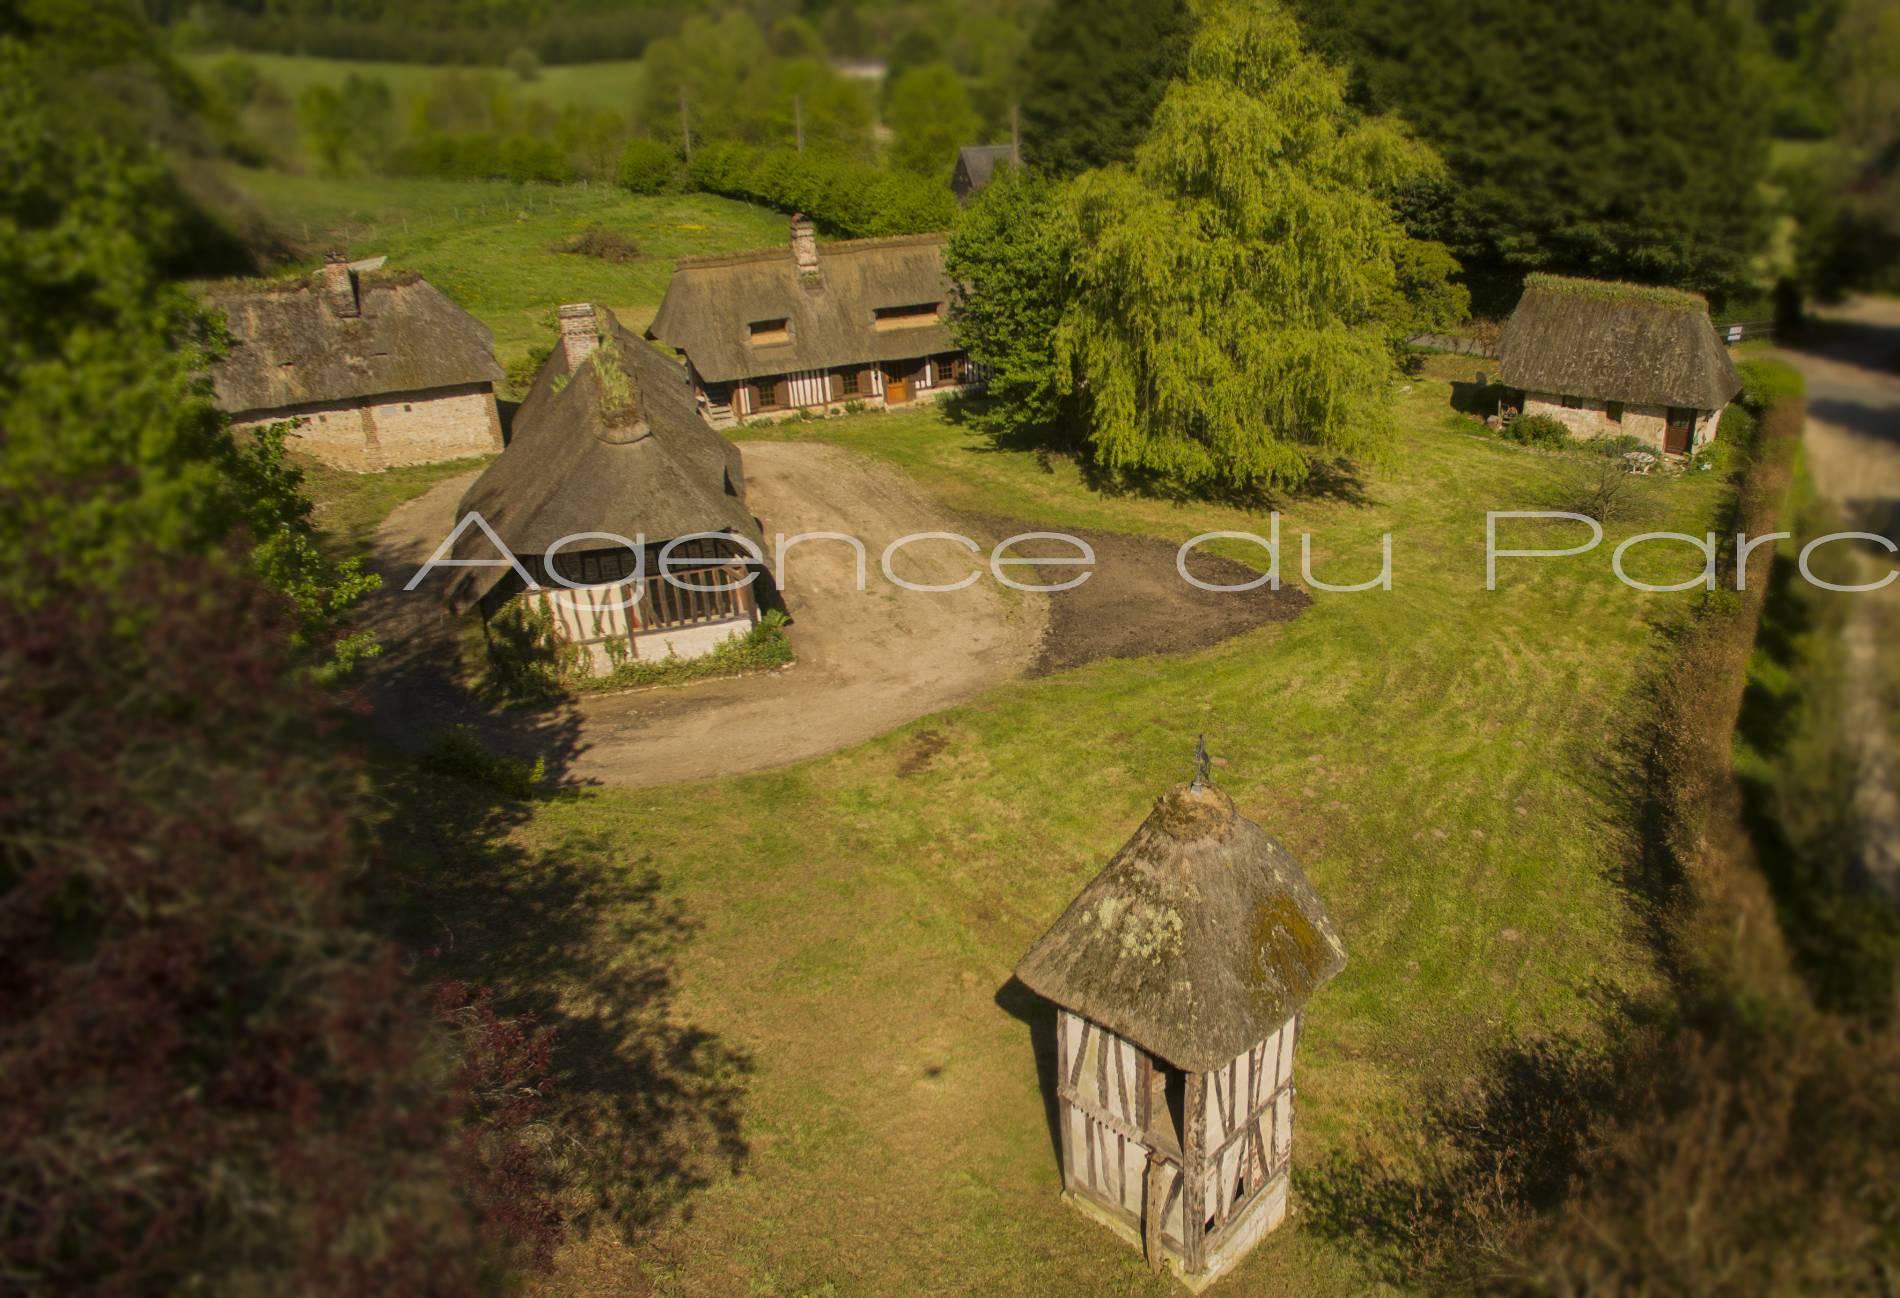 Acheter achat d 39 une propri t normande en vall e de seine for Site pour acheter maison